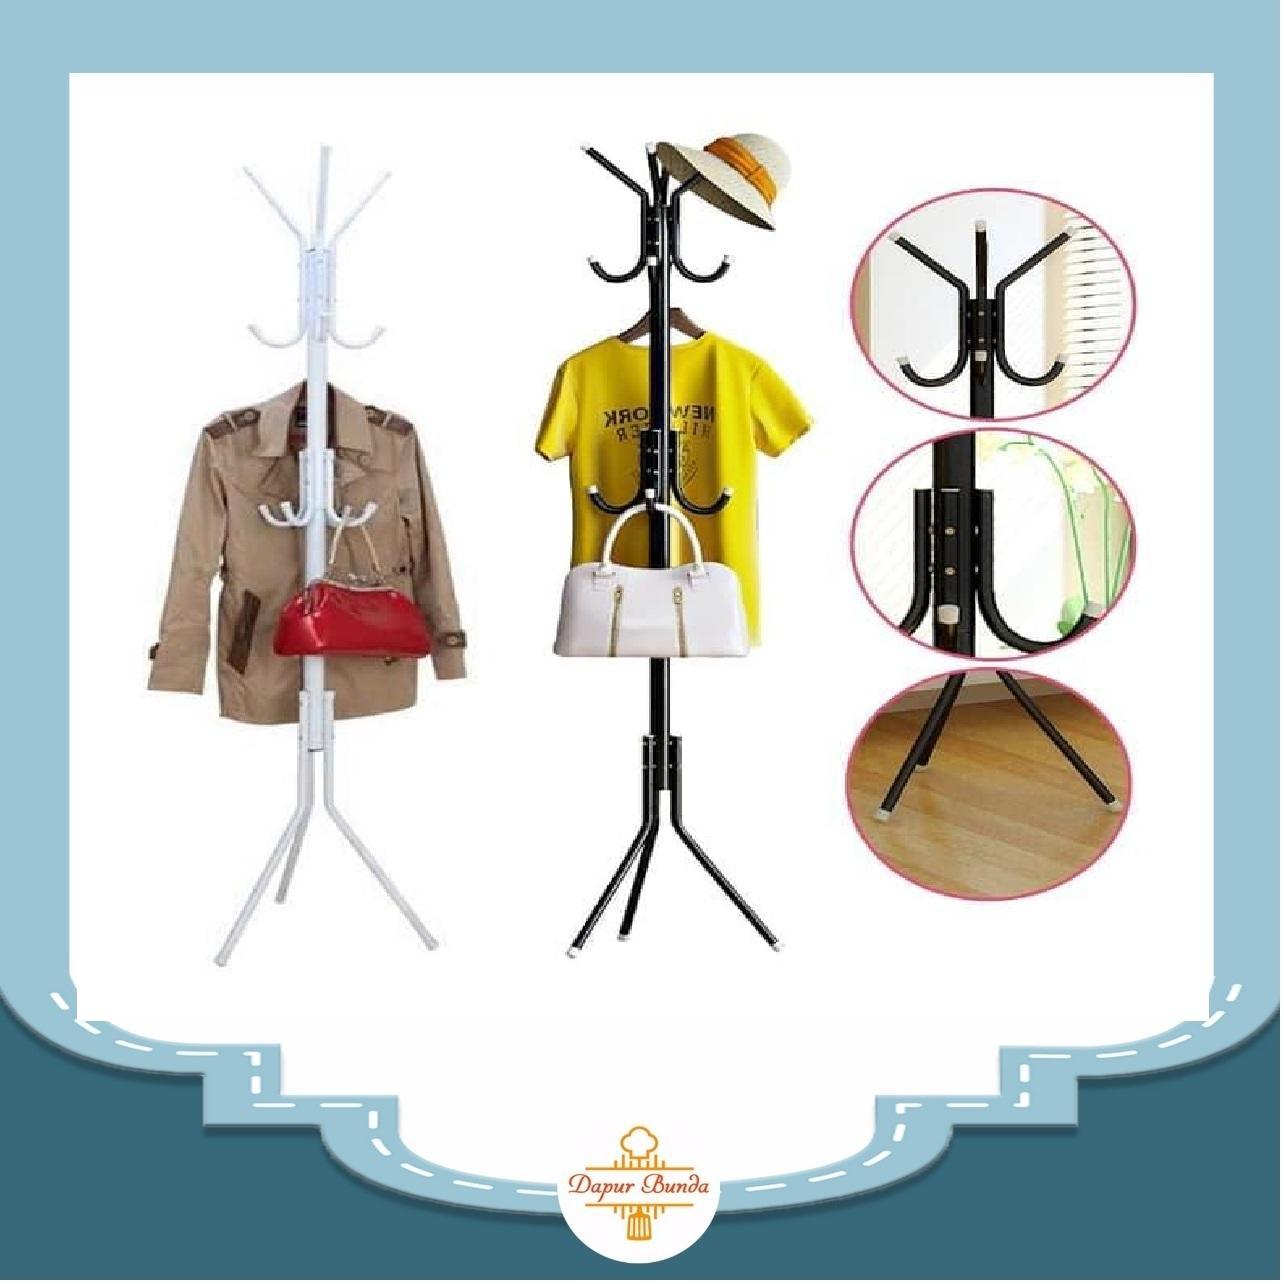 DapurBunda PRN20 Stand Hanger / Gantungan Tiang Berdiri / Hanger Gantungan Baju Tas Berdiri - PUTIH